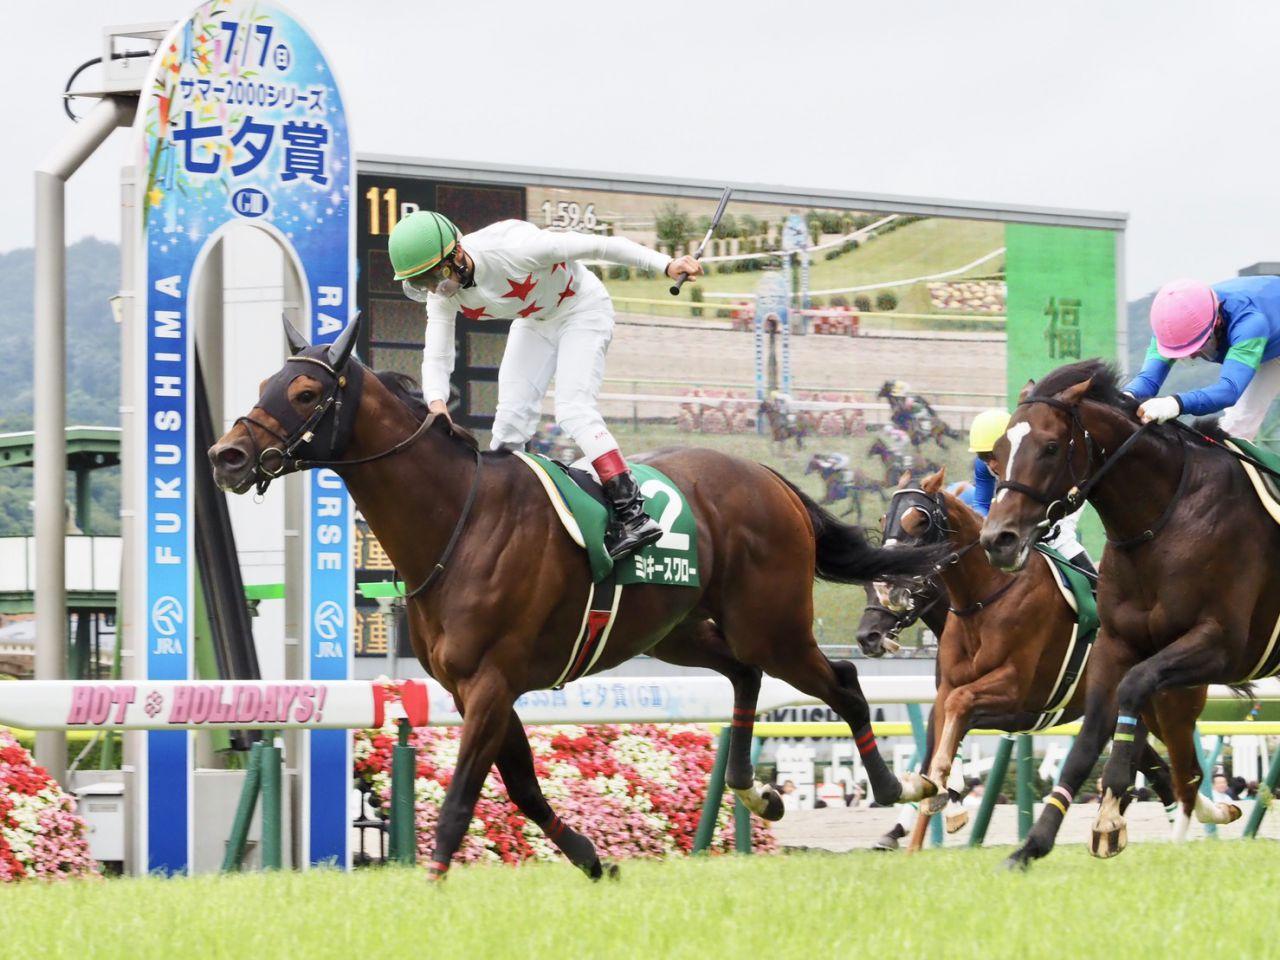 【プロキオンS】アルクトスが直線内から抜け出す!重賞初制覇